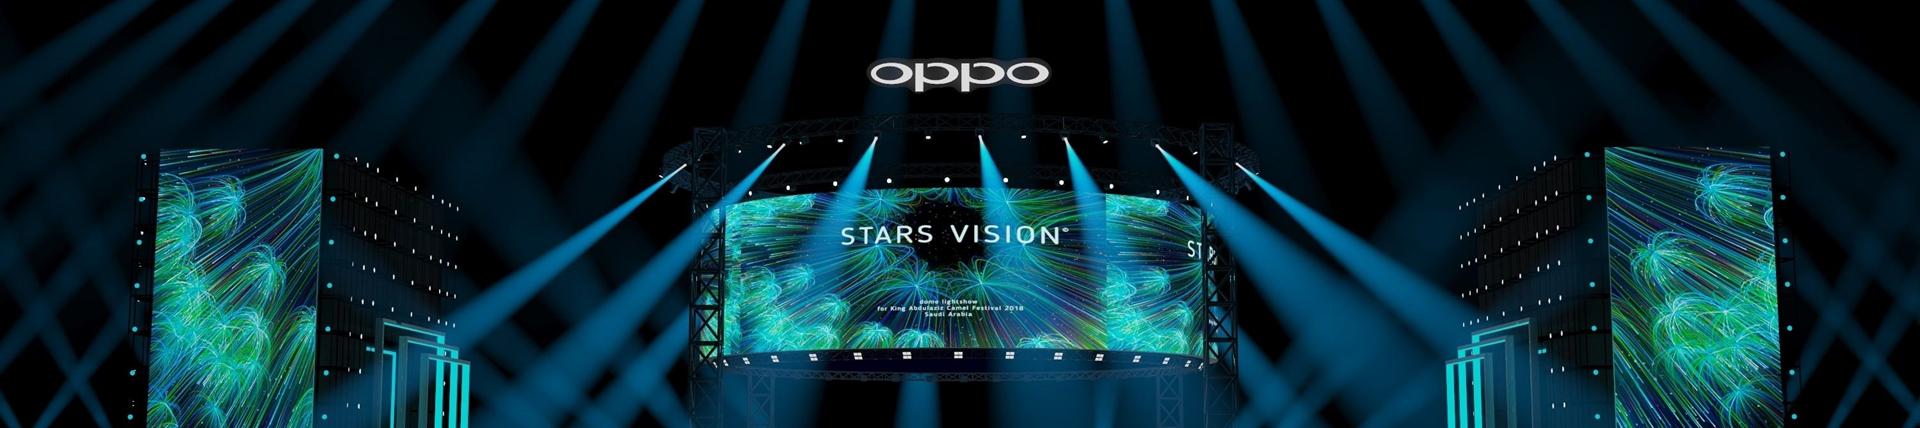 68000元收購四字母域名、申請近百枚商標,OPPO也要推出新品牌?